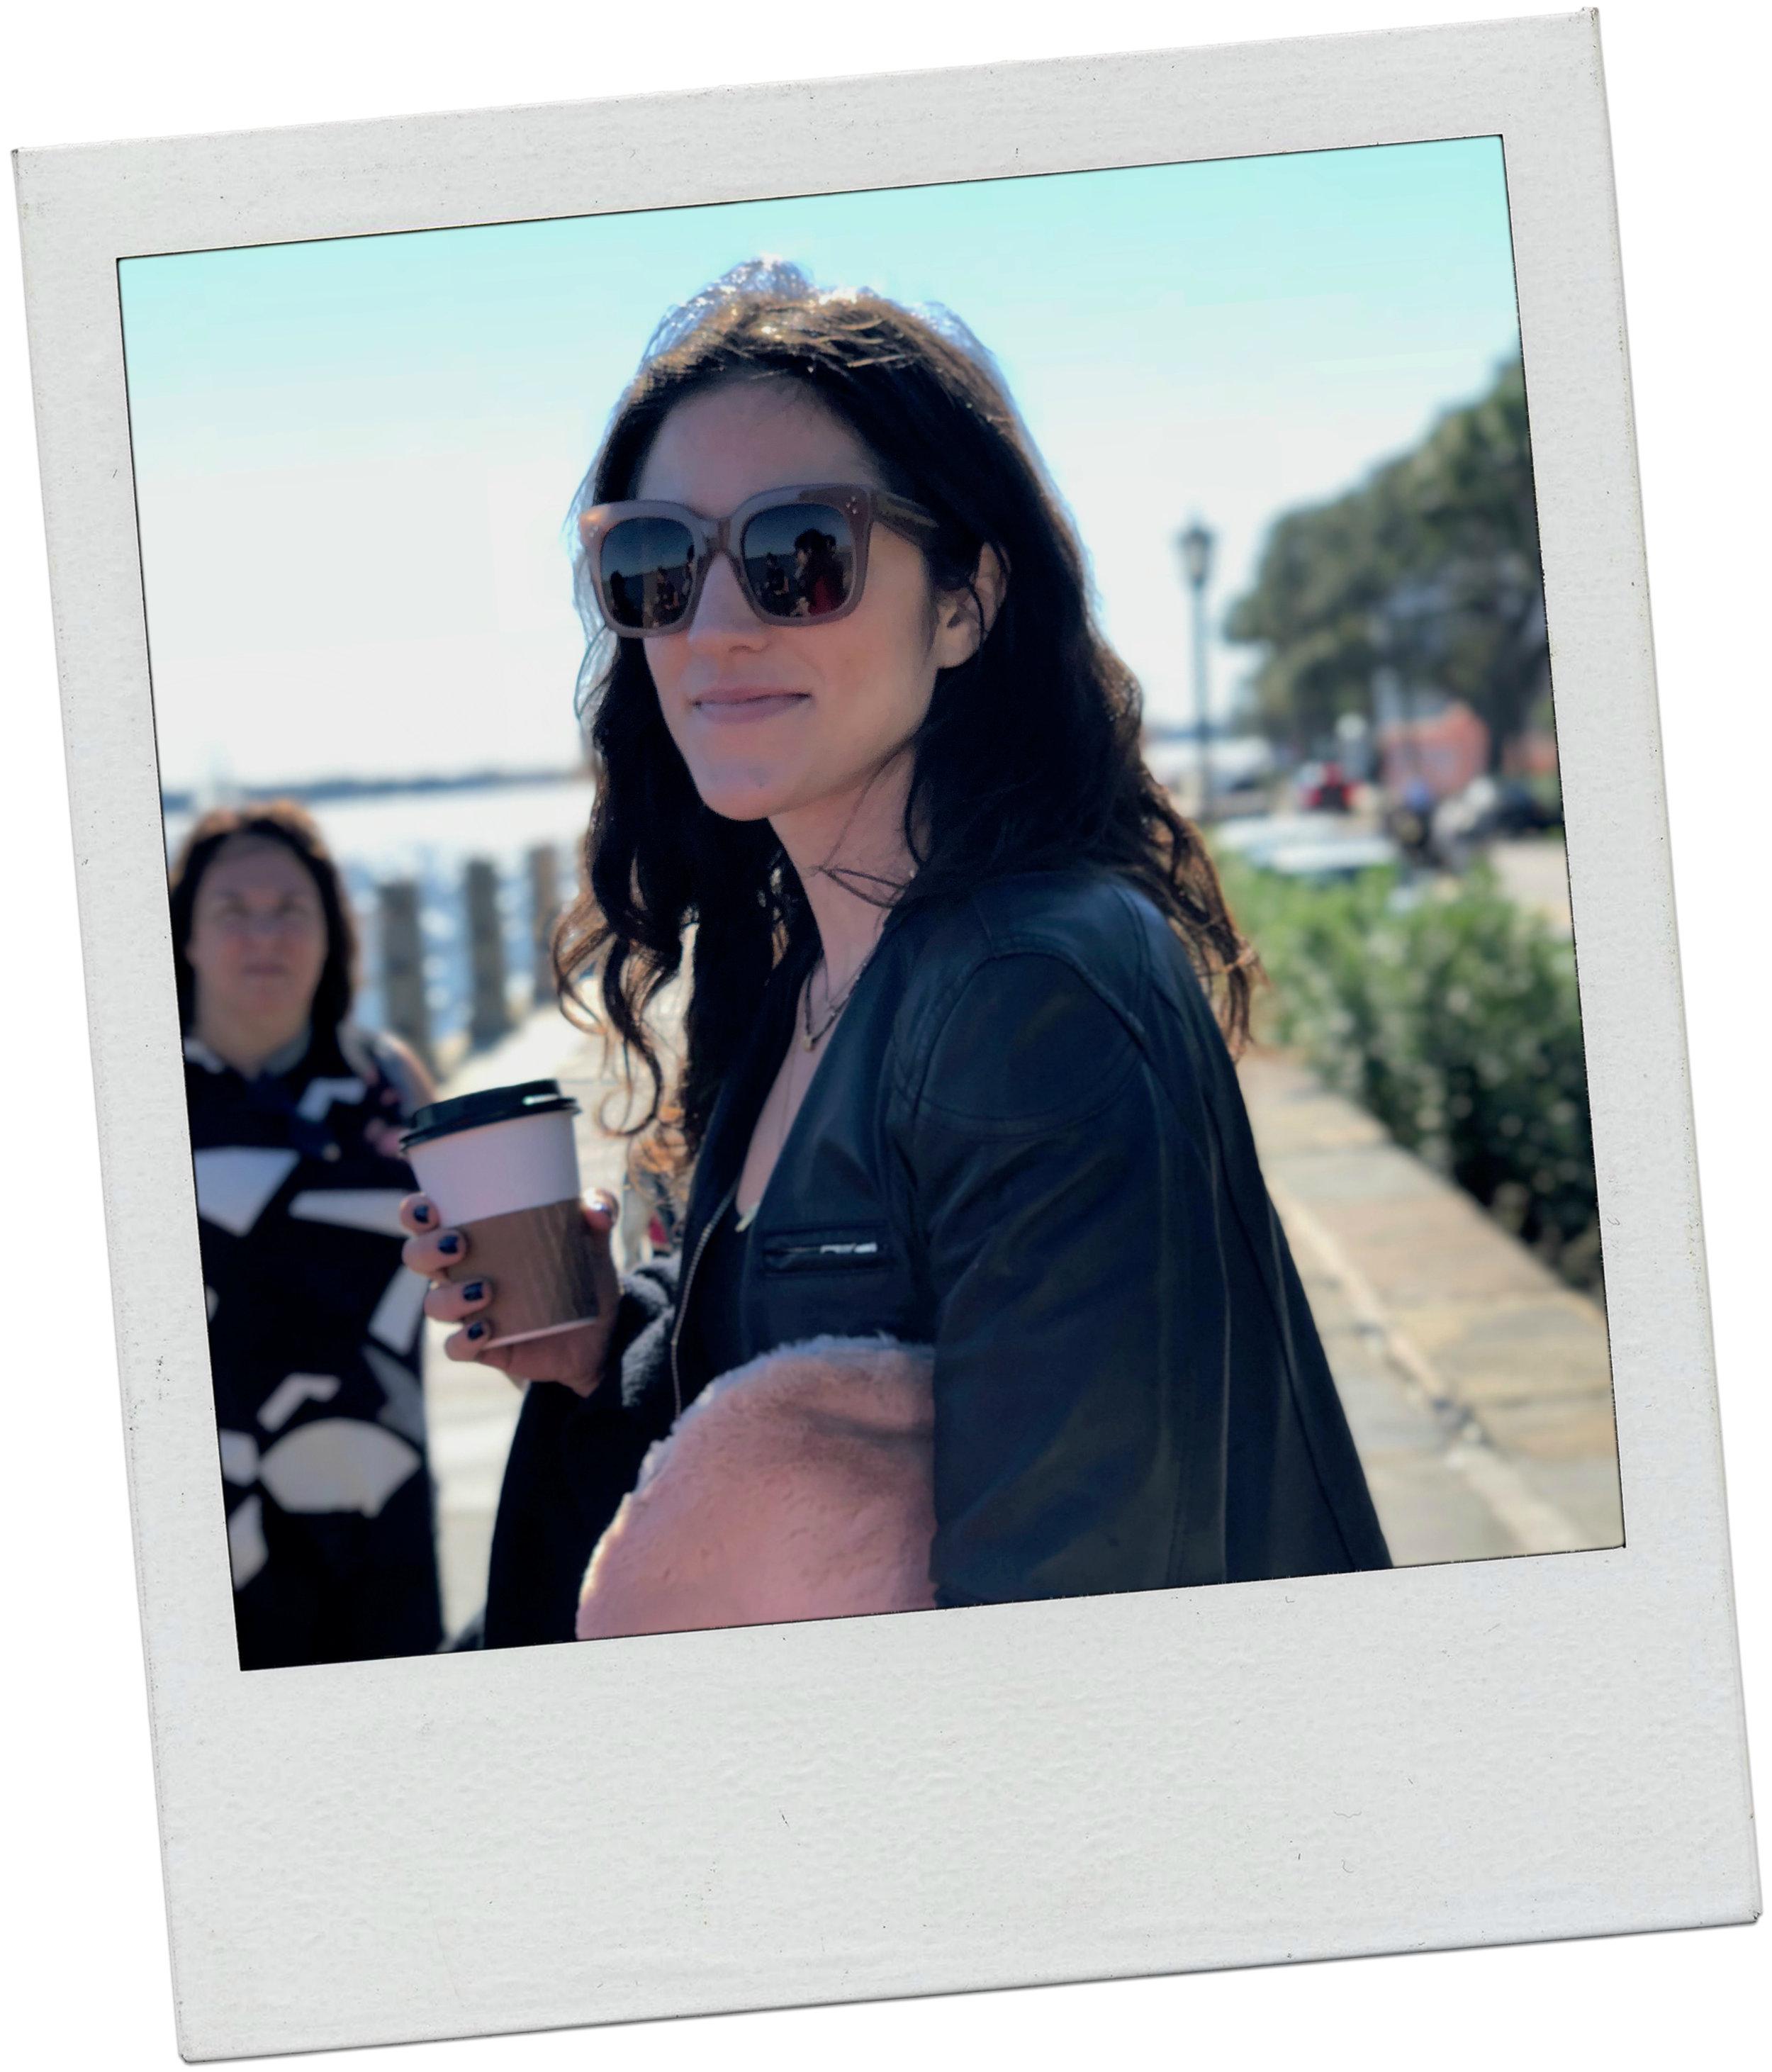 Sarah polaroid pic.jpg